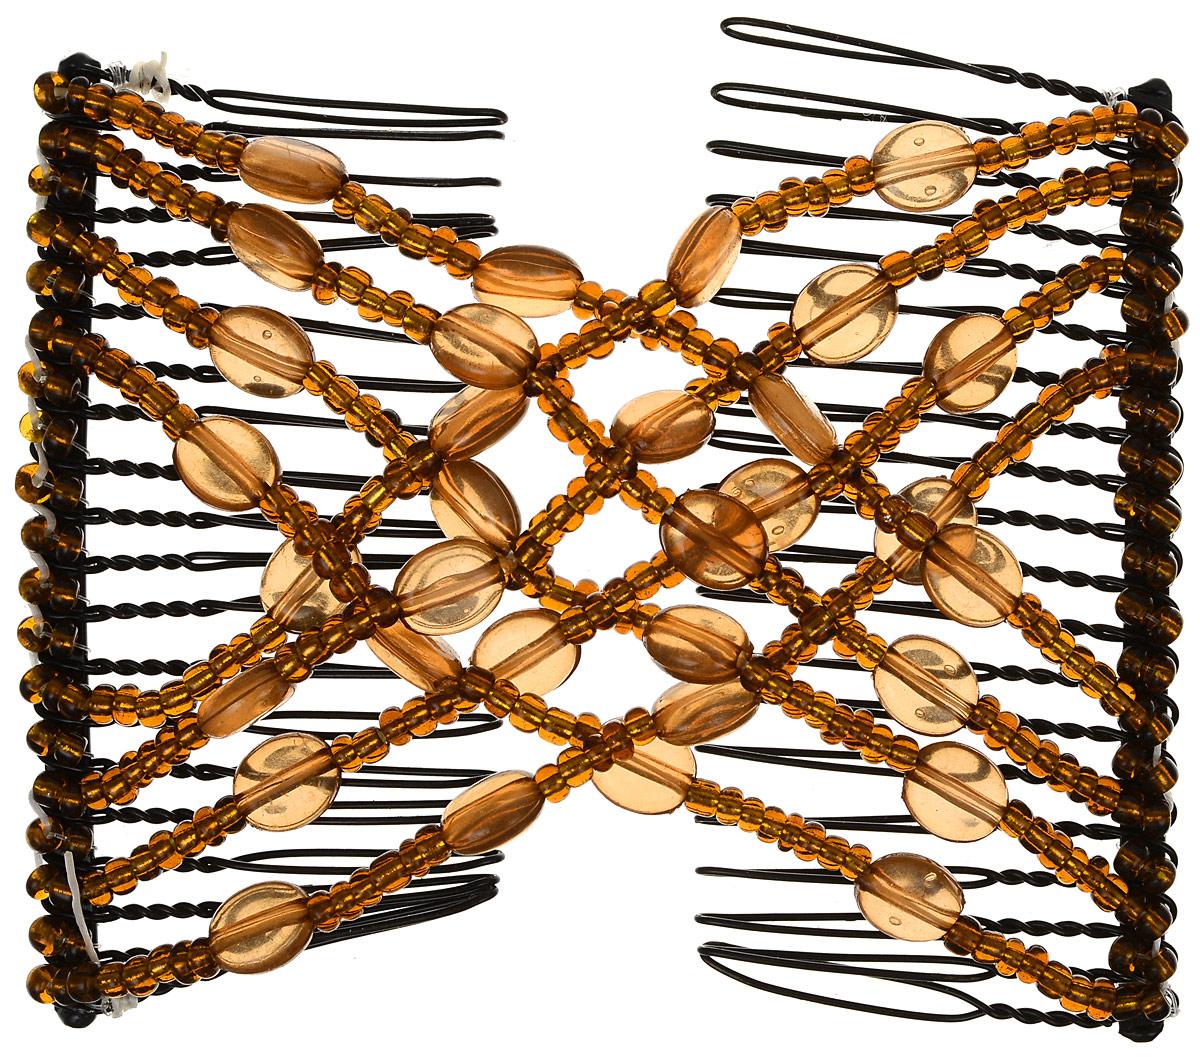 EZ-Combs Заколка Изи-Комбс, одинарная, цвет: коричневый. ЗИО_овалыЗИО_коричневый, овалыУдобная и практичная EZ-Combs подходит для любого типа волос: тонких, жестких, вьющихся или прямых, и не наносит им никакого вреда. Заколка не мешает движениям головы и не создает дискомфорта, когда вы отдыхаете или управляете автомобилем. Каждый гребень имеет по 20 зубьев для надежной фиксации заколки на волосах! И даже во время бега и интенсивных тренировок в спортзале EZ-Combs не падает; она прочно фиксирует прическу, сохраняя укладку в первозданном виде.Небольшая и легкая заколка для волос EZ-Combs поместится в любой дамской сумочке, позволяя быстро и без особых усилий создавать неповторимые прически там, где вам это удобно. Гребень прекрасно сочетается с любой одеждой: будь это классический или спортивный стиль, завершая гармоничный облик современной леди. И неважно, какой образ жизни вы ведете, если у вас есть EZ-Combs, вы всегда будете выглядеть потрясающе.